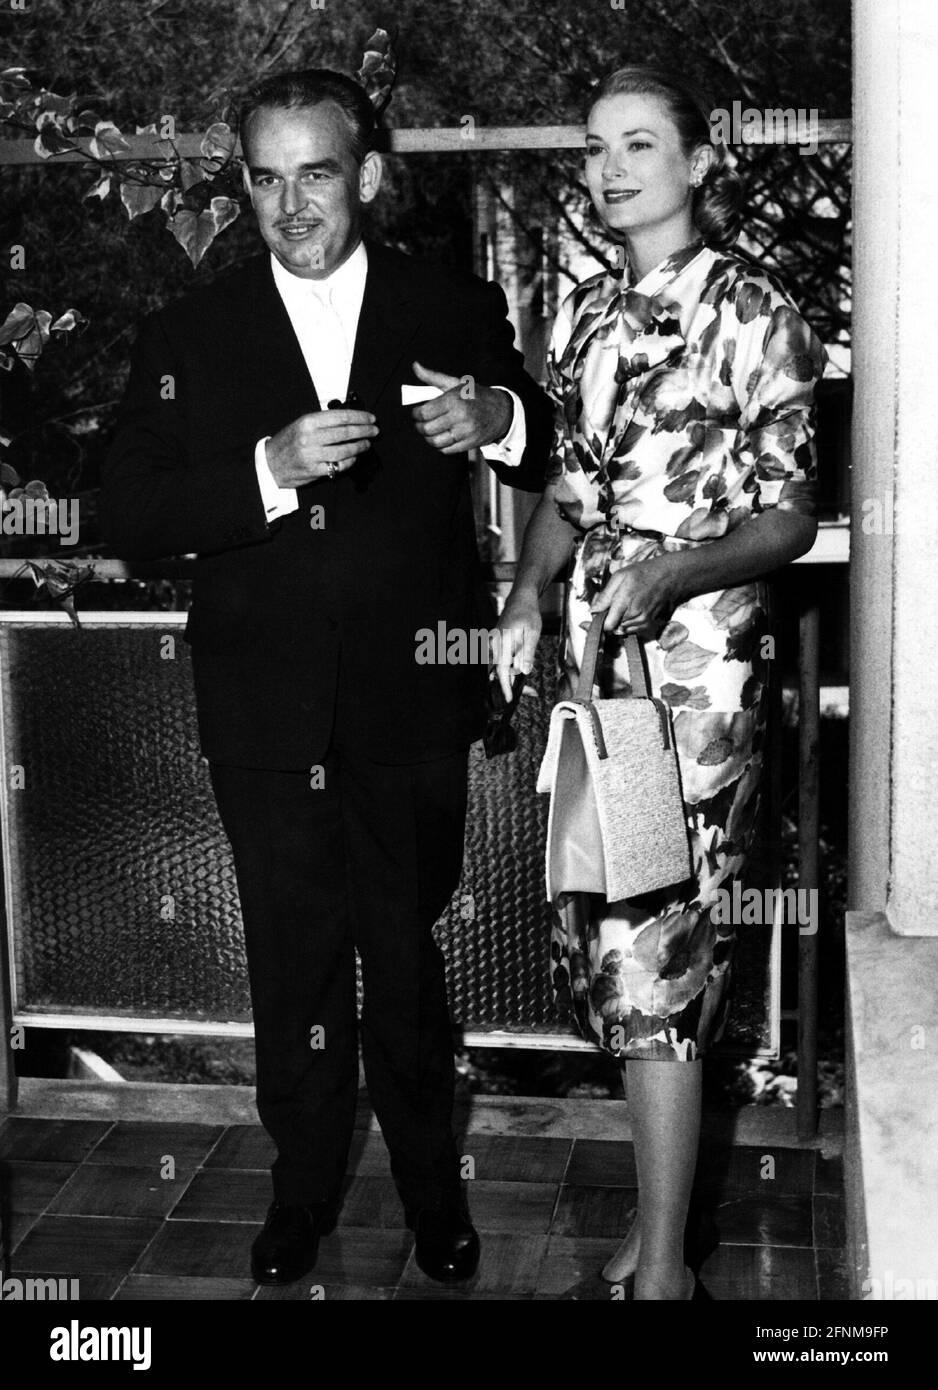 Kelly, Grace, 12.11.1929 - 14,9.1982, actriz americana, media longitud, DERECHOS-ADICIONALES-LIQUURA-INFO-NO DISPONIBLE Foto de stock